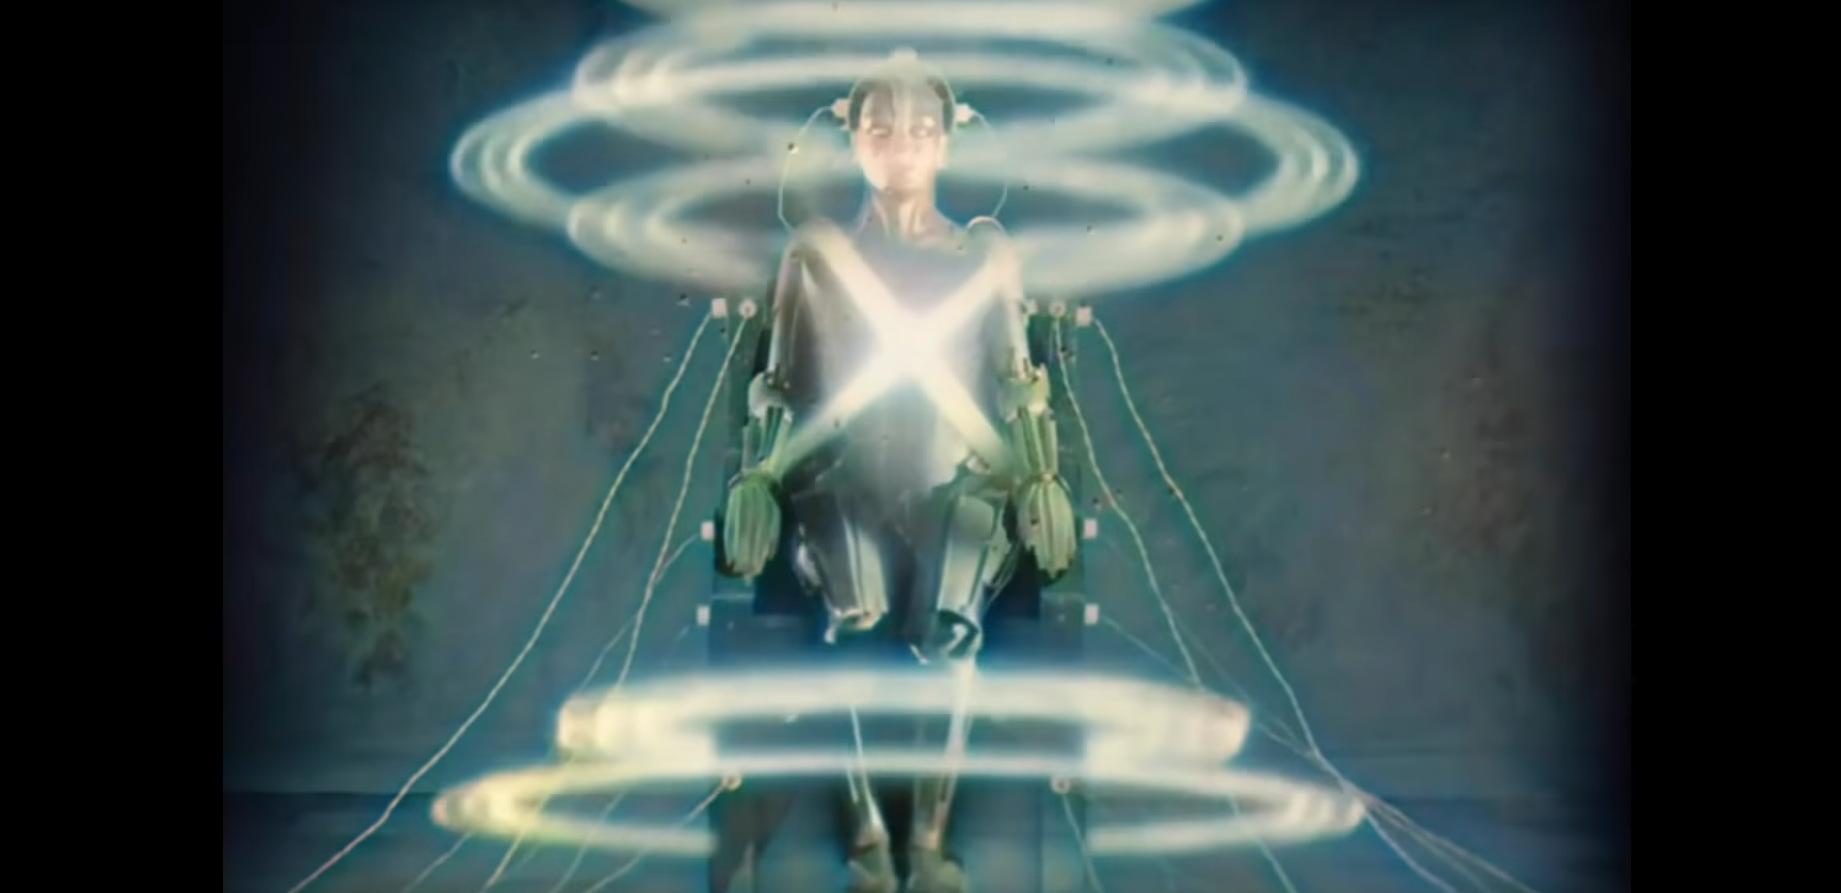 Находка: классический фантастический фильм «Метрополис» 1927 года в цвете и в озвучке